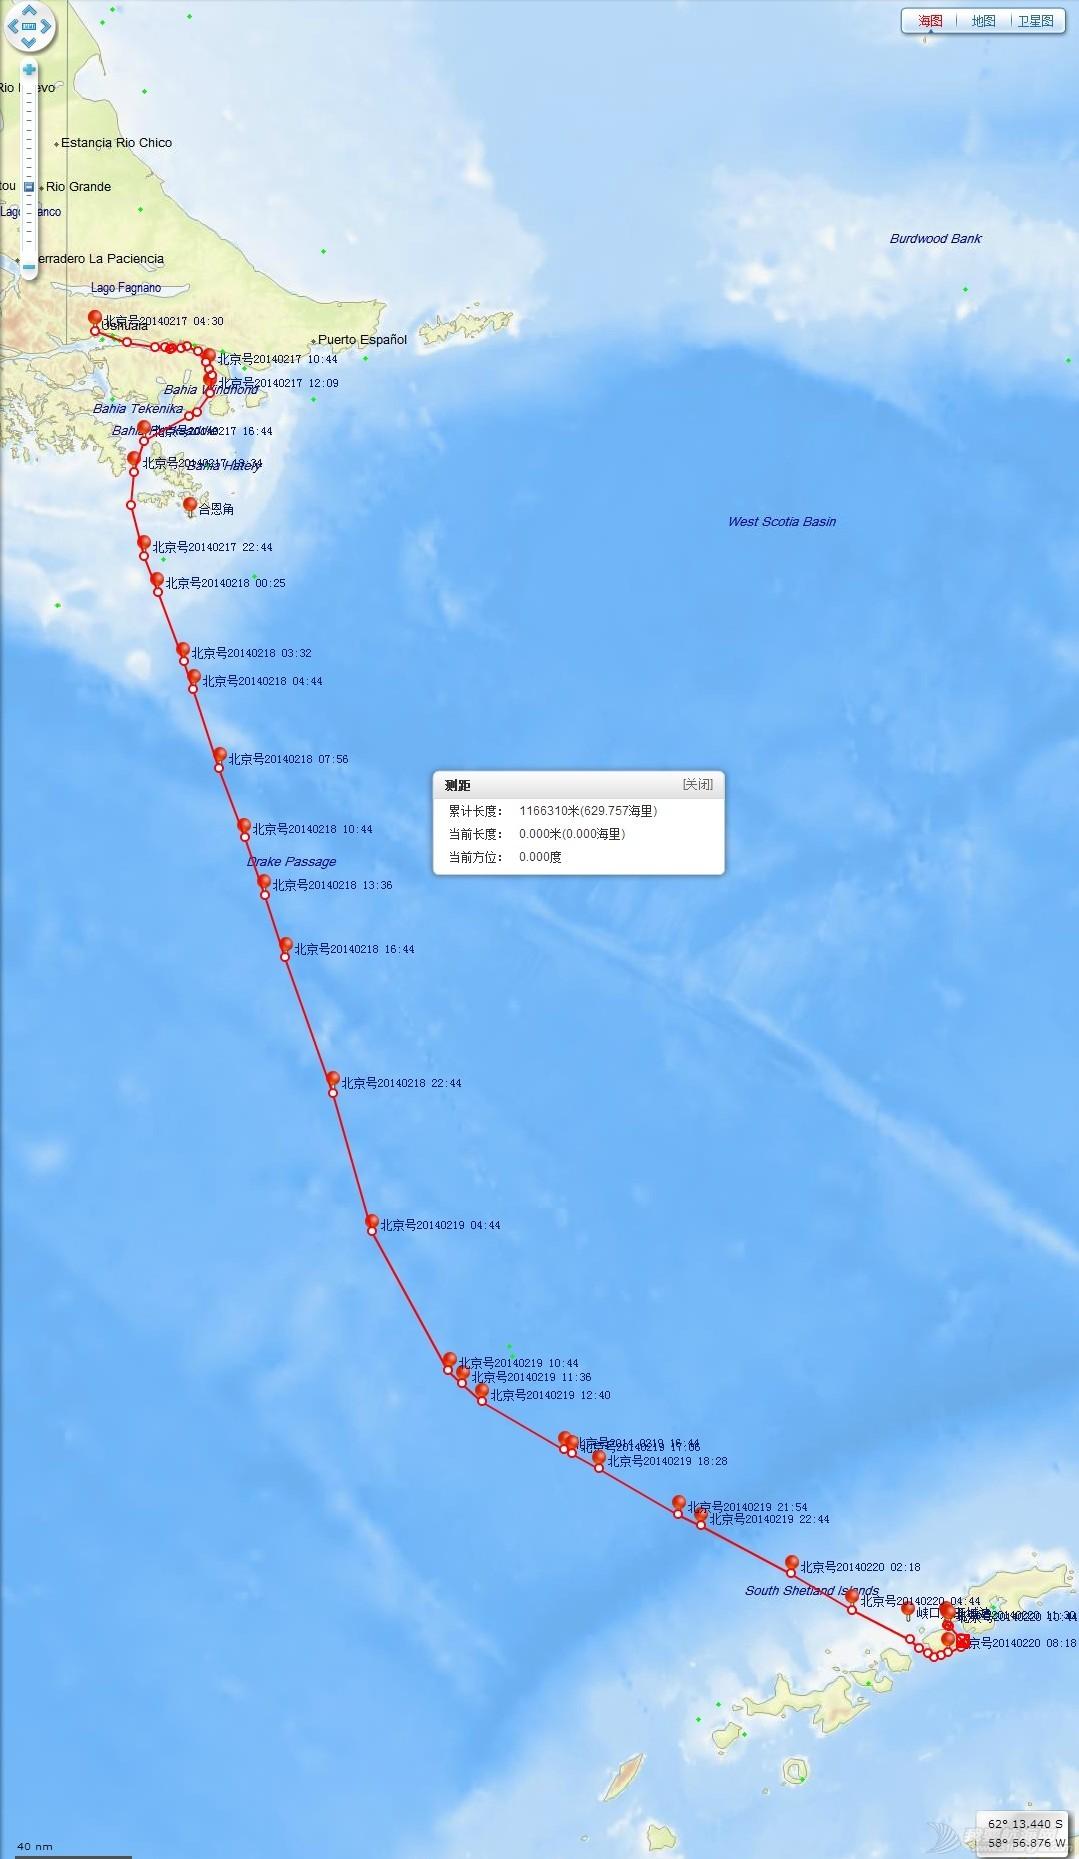 爱好者 特来向各位航海爱好者求指点 北京号帆船穿越德雷克海峡航迹图